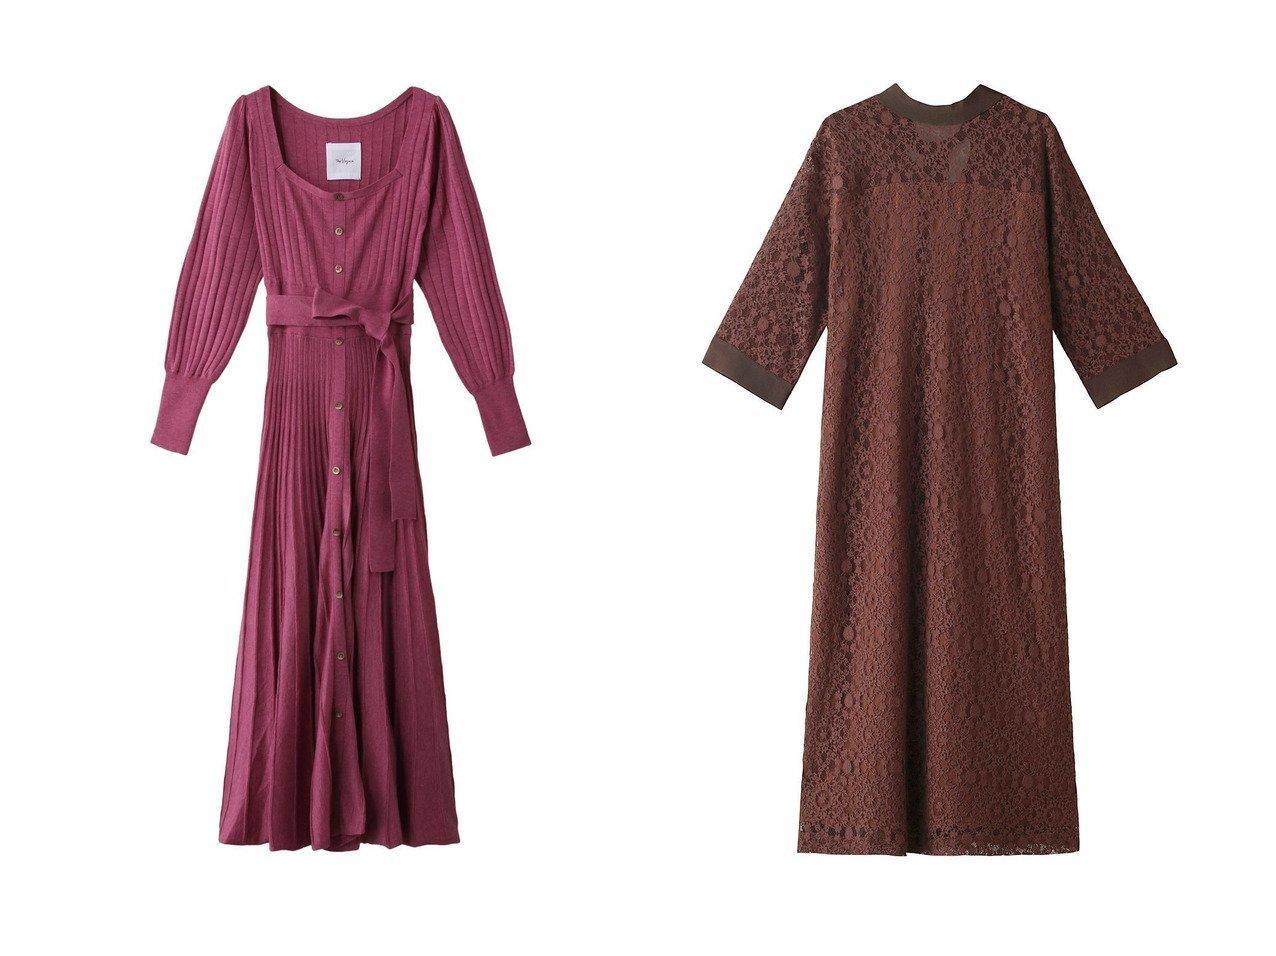 【MARILYN MOON/マリリンムーン】のレースワンピース&【The Virgnia/ザ ヴァージニア】のスクエアワイドリブニットワンピース ワンピース・ドレスのおすすめ!人気、レディースファッションの通販  おすすめで人気のファッション通販商品 インテリア・家具・キッズファッション・メンズファッション・レディースファッション・服の通販 founy(ファニー) https://founy.com/ ファッション Fashion レディース WOMEN ワンピース Dress ニットワンピース Knit Dresses コンパクト スクエア スリーブ フィット フェミニン フレア ロング |ID:crp329100000000619